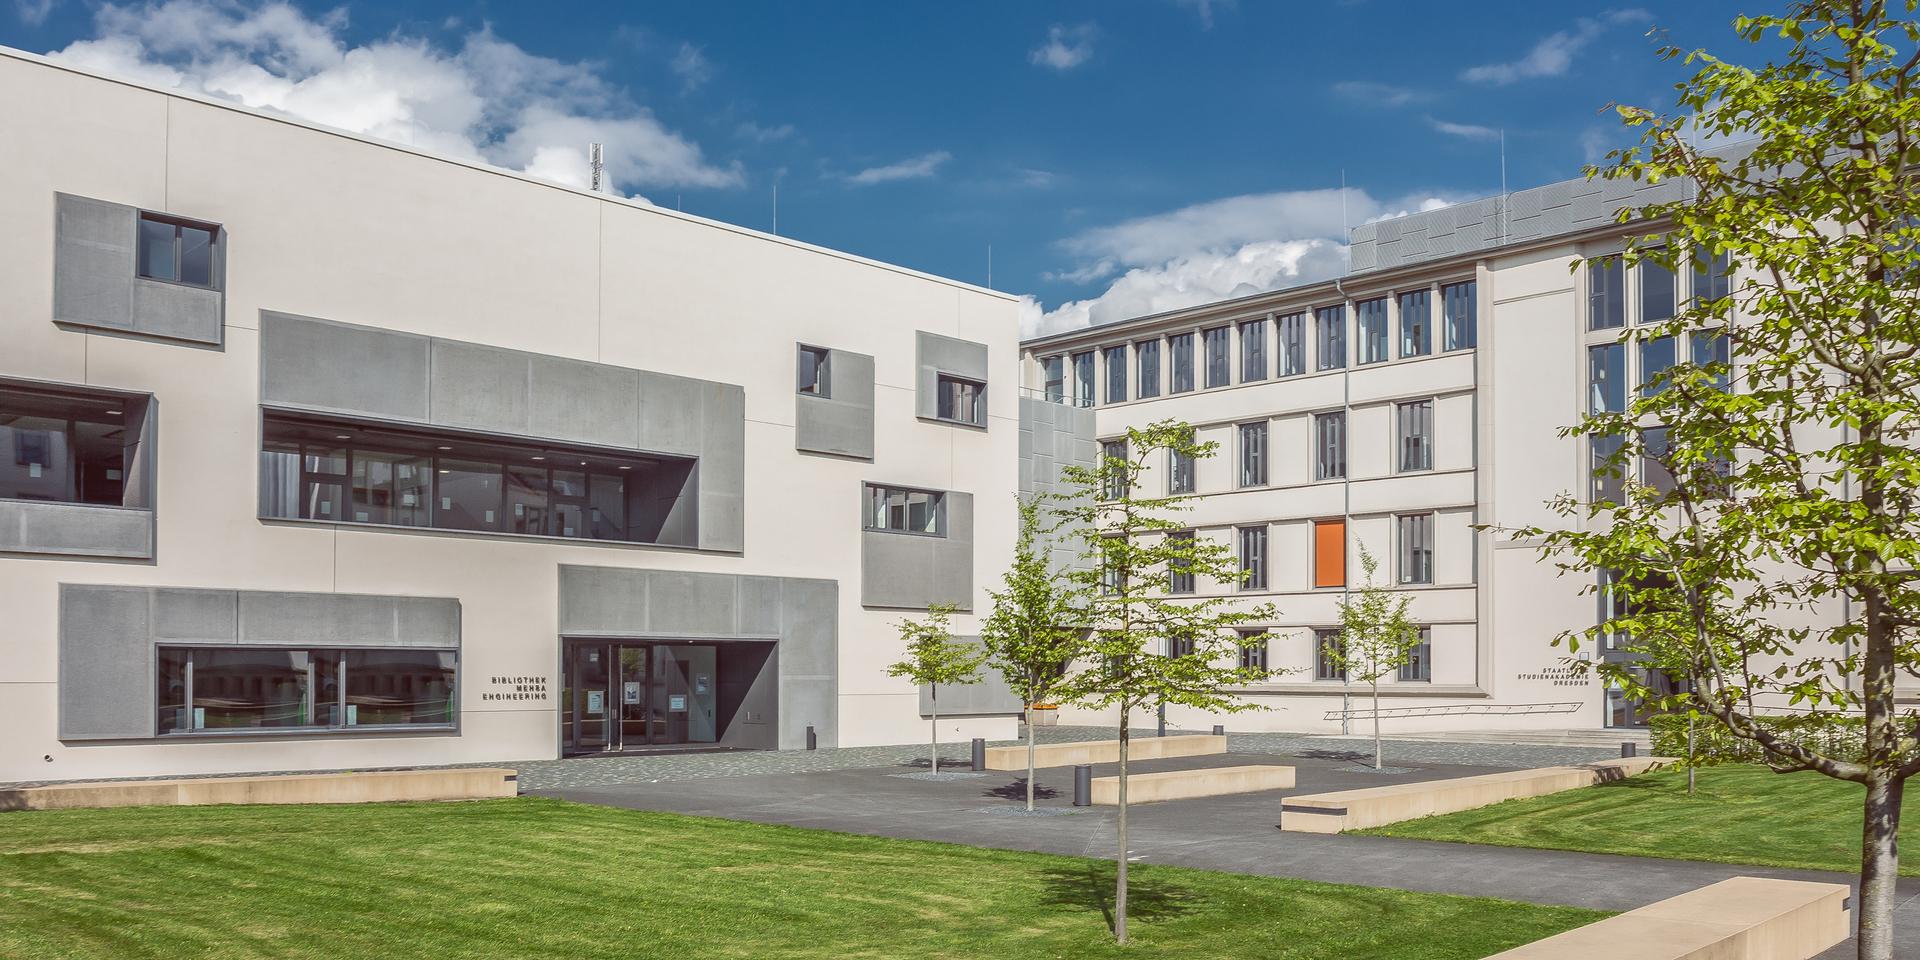 Architekturfotograf Dresden lw design businessfotografie dresden leipzig berlin